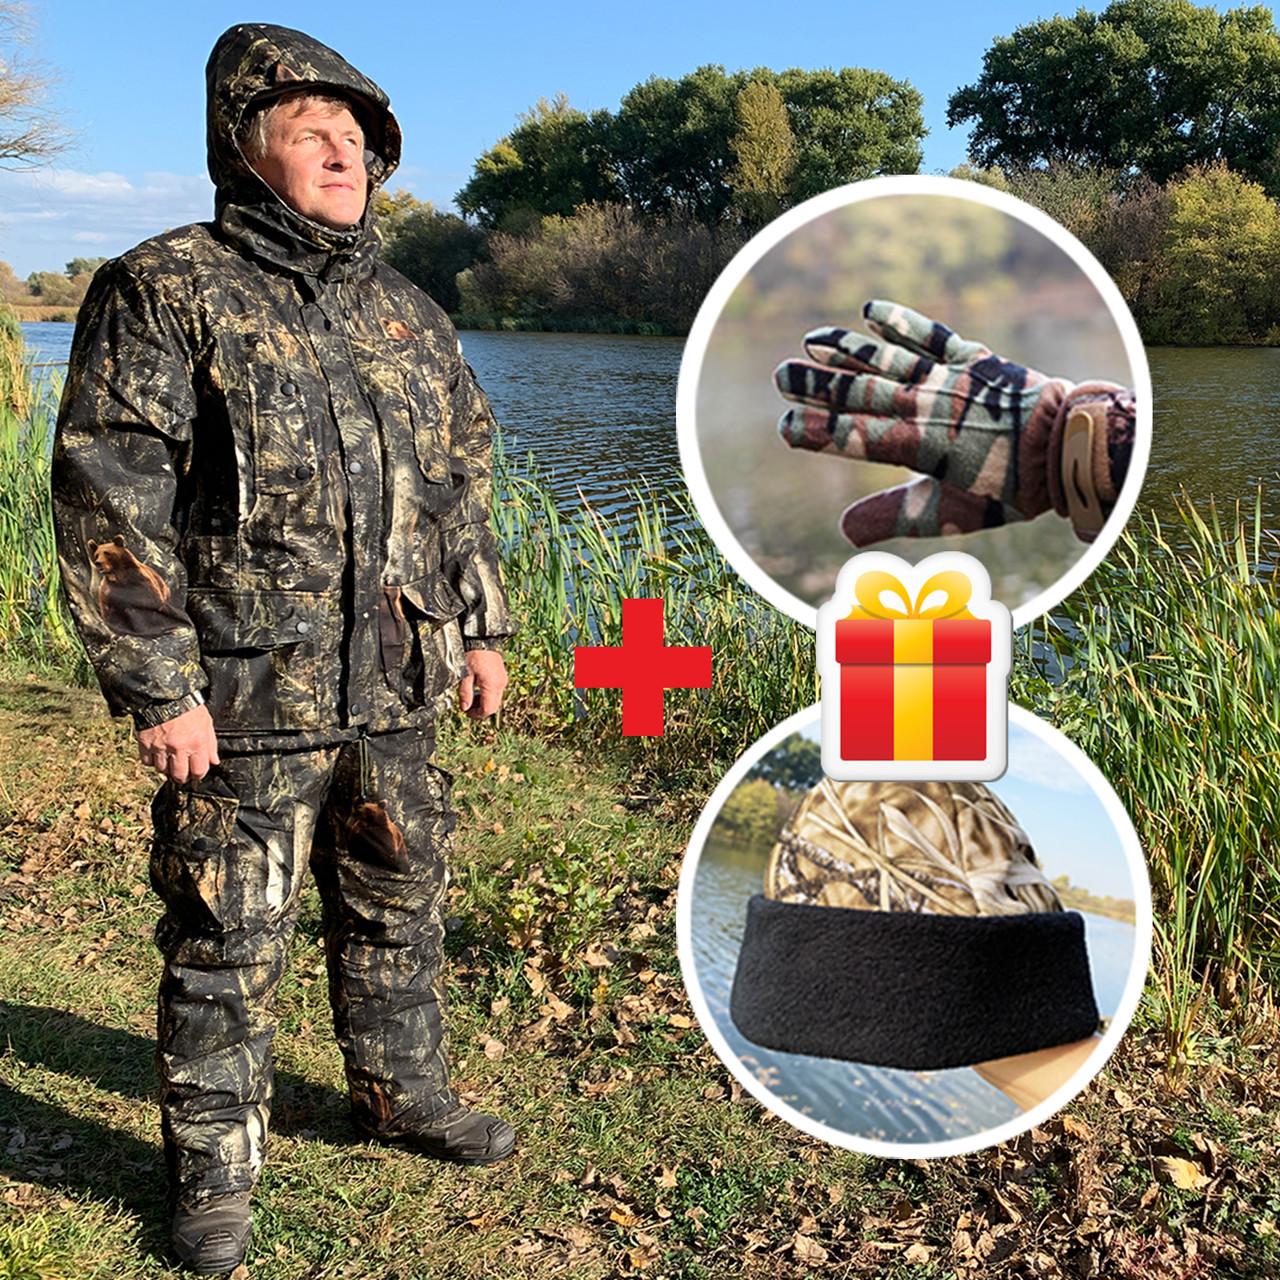 """Зимовий костюм до -40° """"Mavens Зубр"""" Ліс, риболовля, полювання, роботи в холоді, розмір 44-46 (031-0024)"""